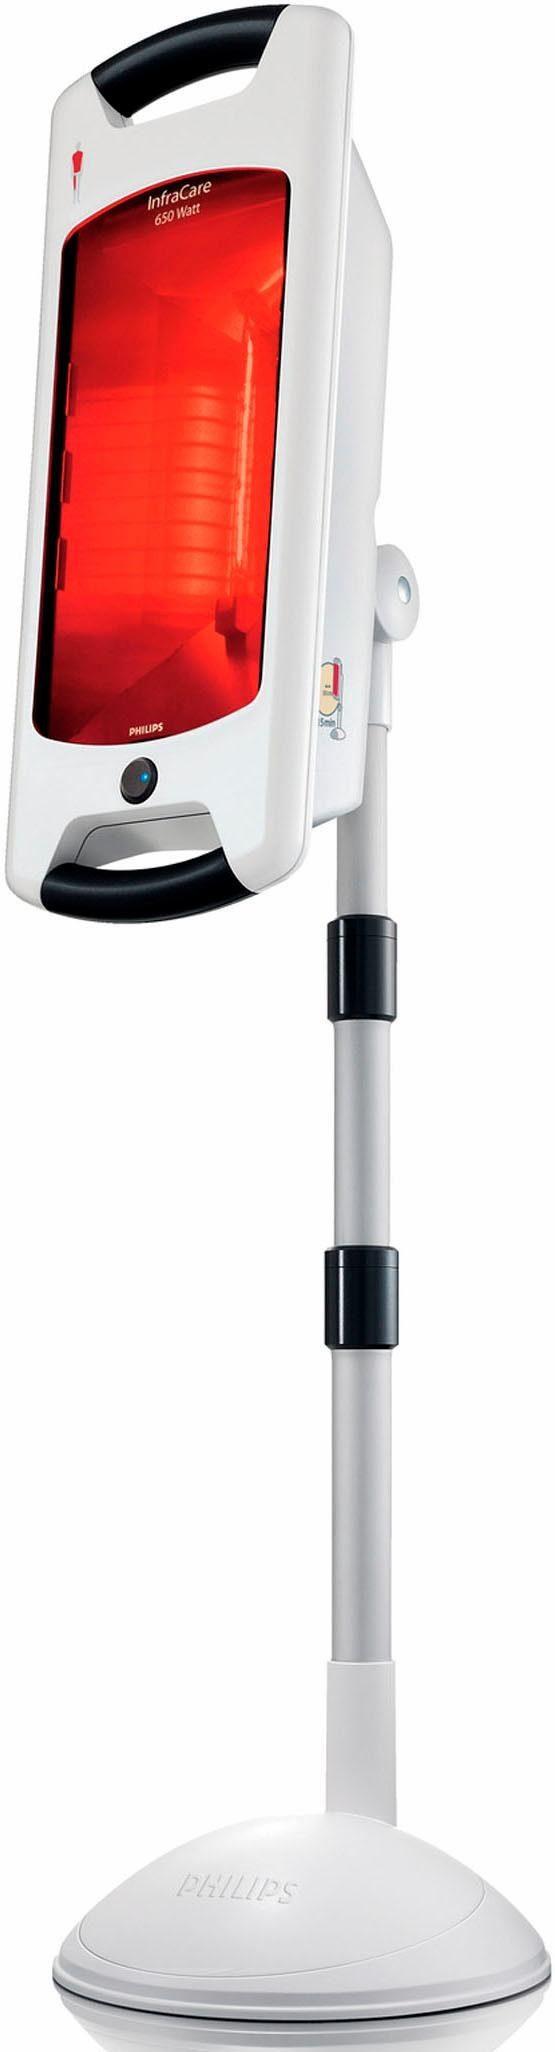 Philips Infrarot-Halogenlampe HP3643/01, InfraCare, 650 Watt, für große Anwendungsbereiche